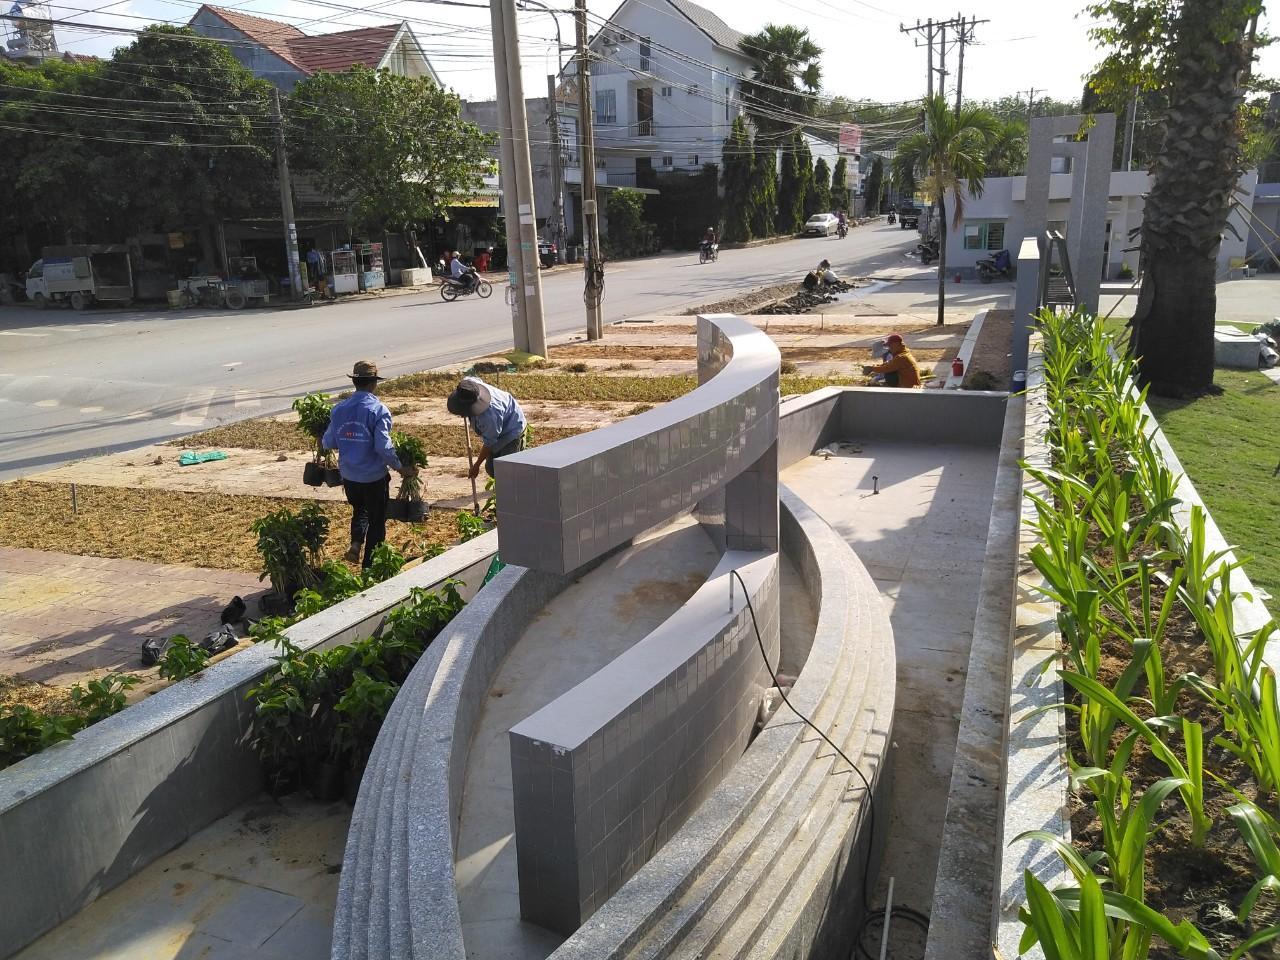 Ngoại Thất Xanh thực hiện công việc trồng cây xanh cỏ xanh cho khách hàng